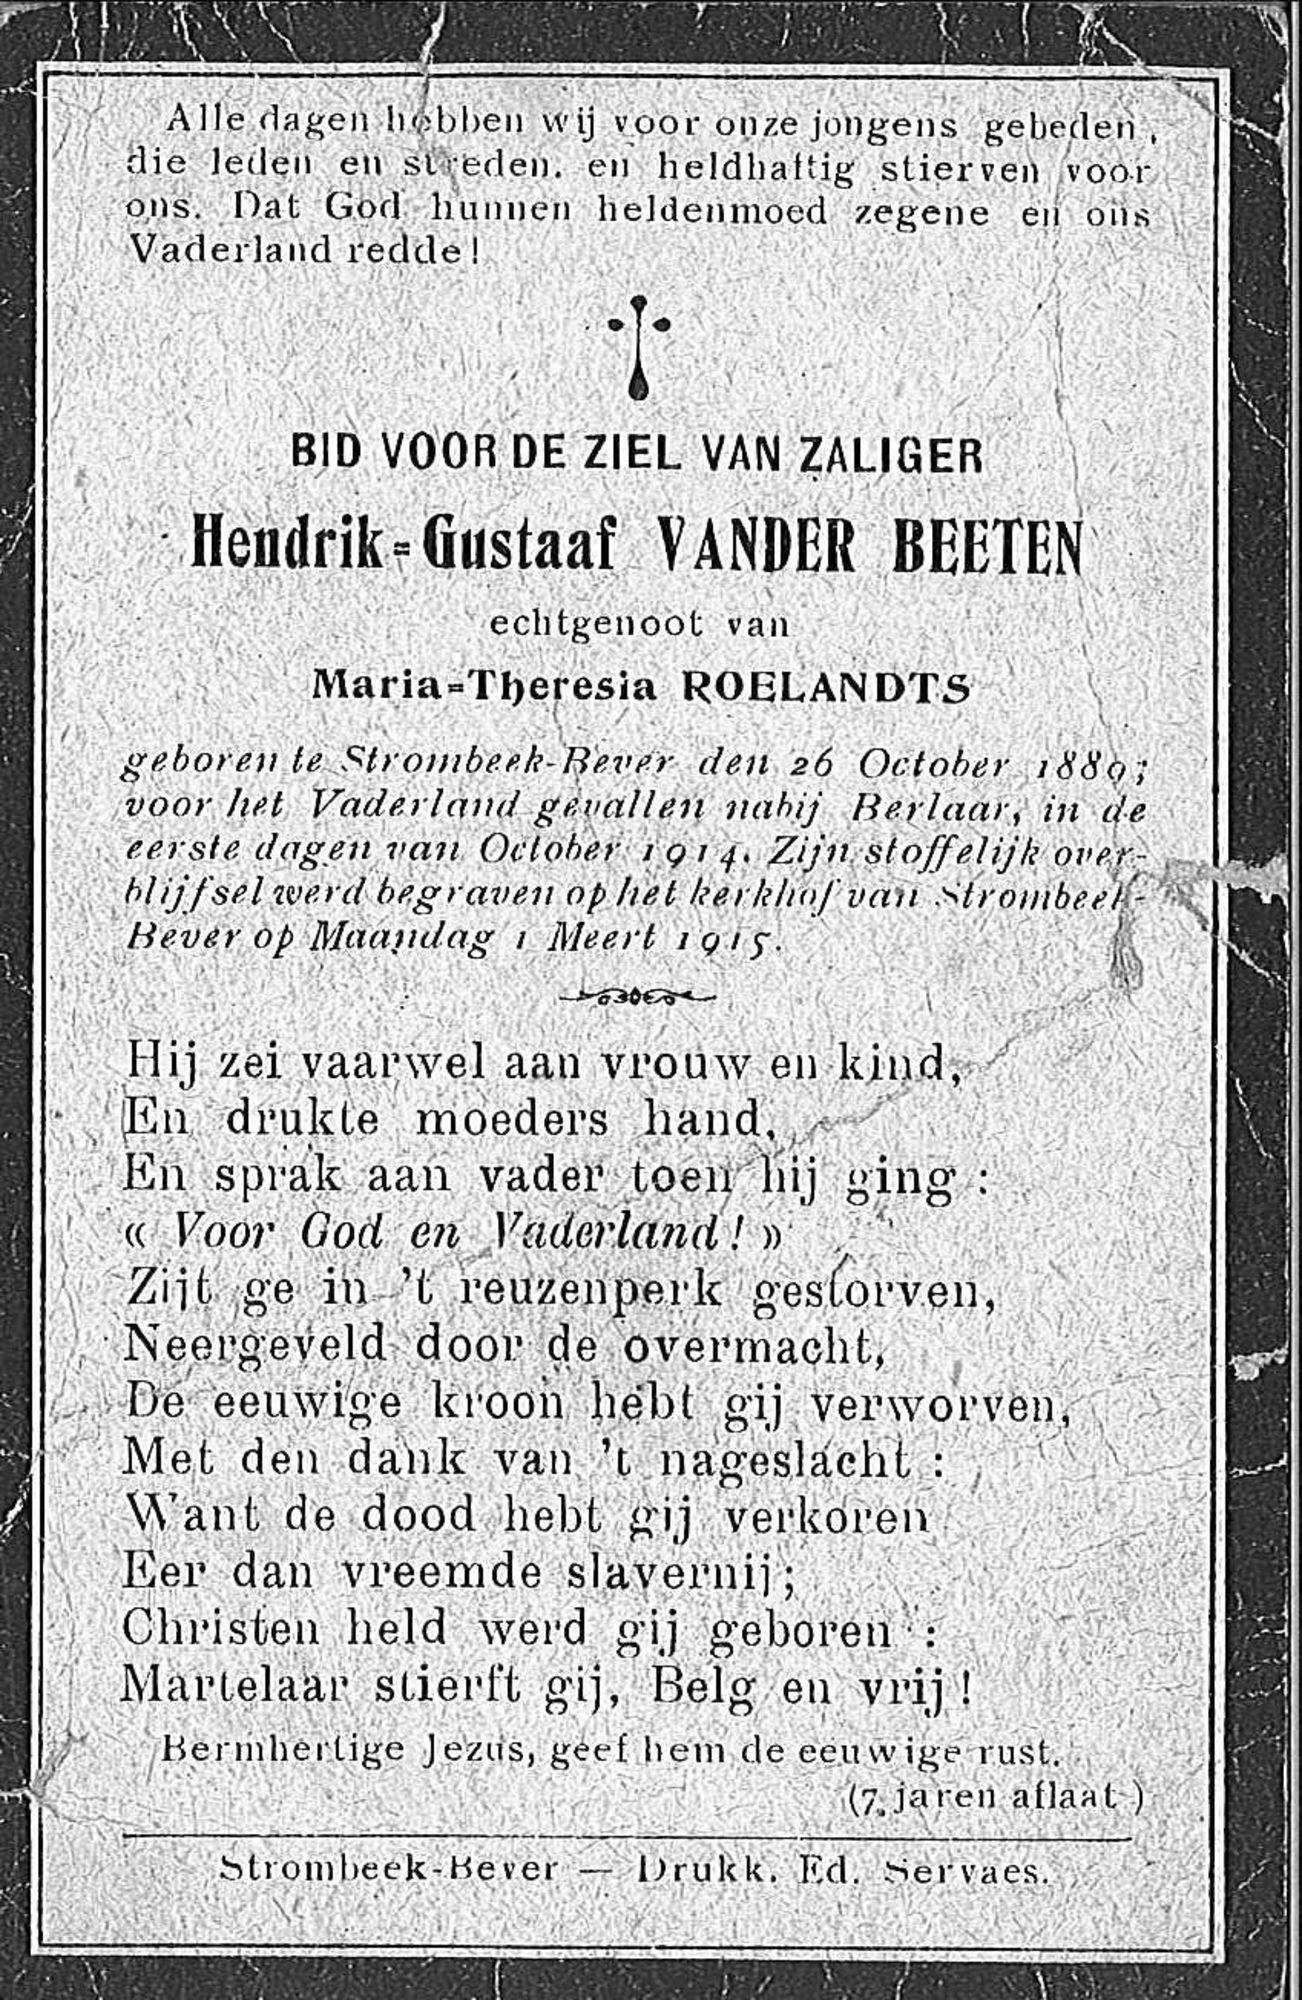 Hendrik-Gustaaf Vander Beeten